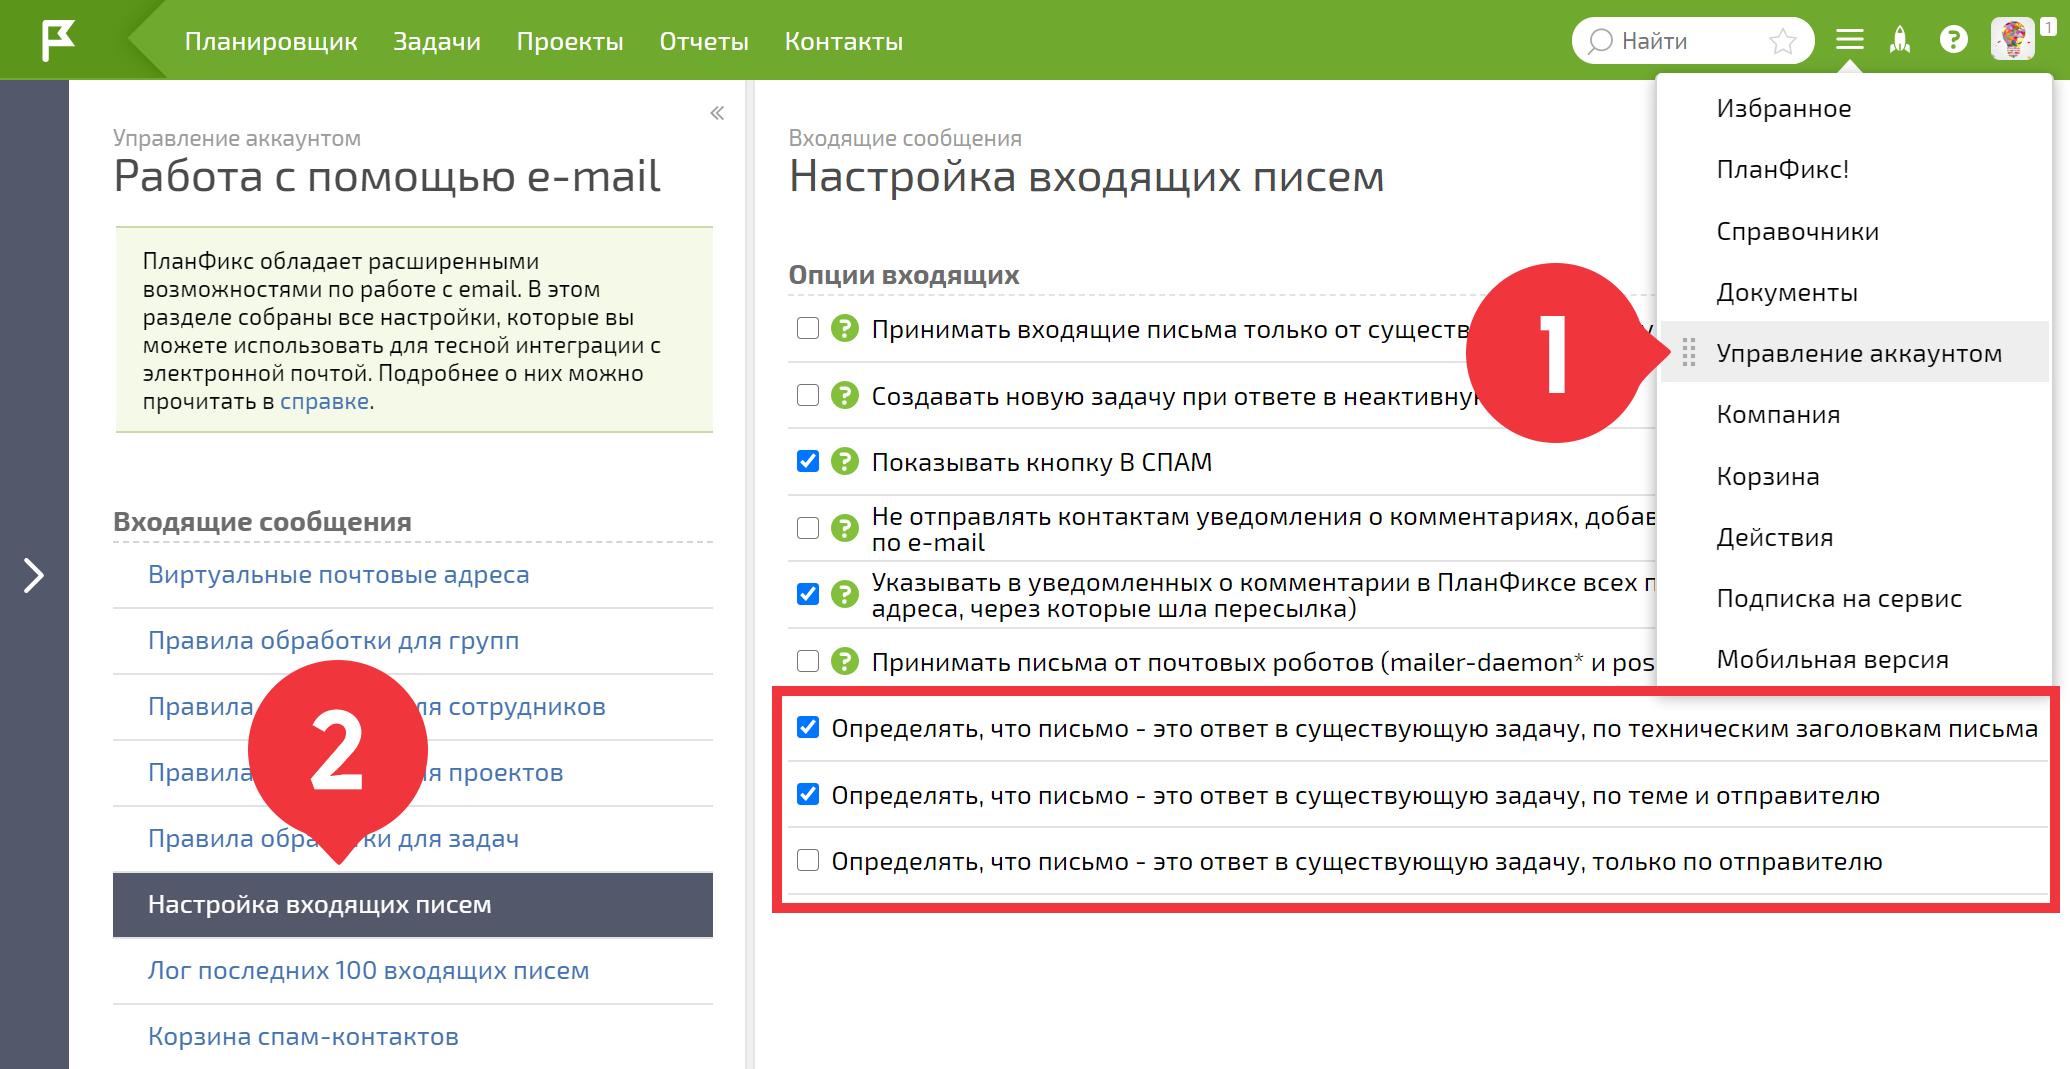 Управление аккаунтом — Работа с помощью e-mail — Настройка входящих писем